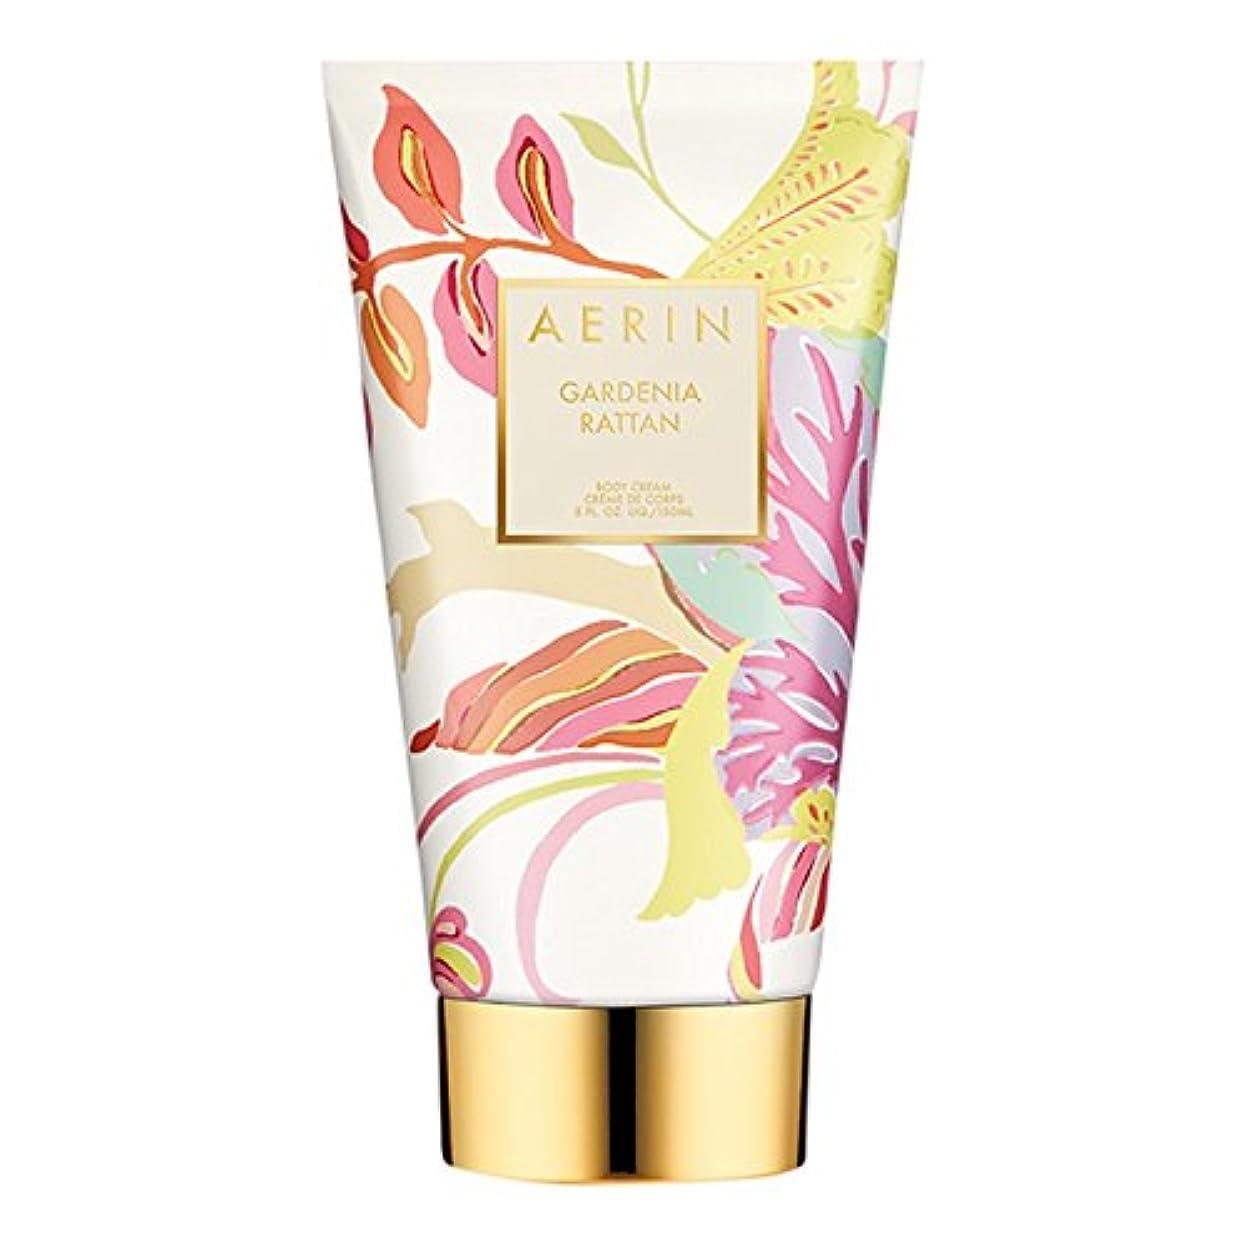 靄価値水っぽいAerinクチナシ籐ボディクリーム150ミリリットル (AERIN) (x2) - AERIN Gardenia Rattan Body Cream 150ml (Pack of 2) [並行輸入品]